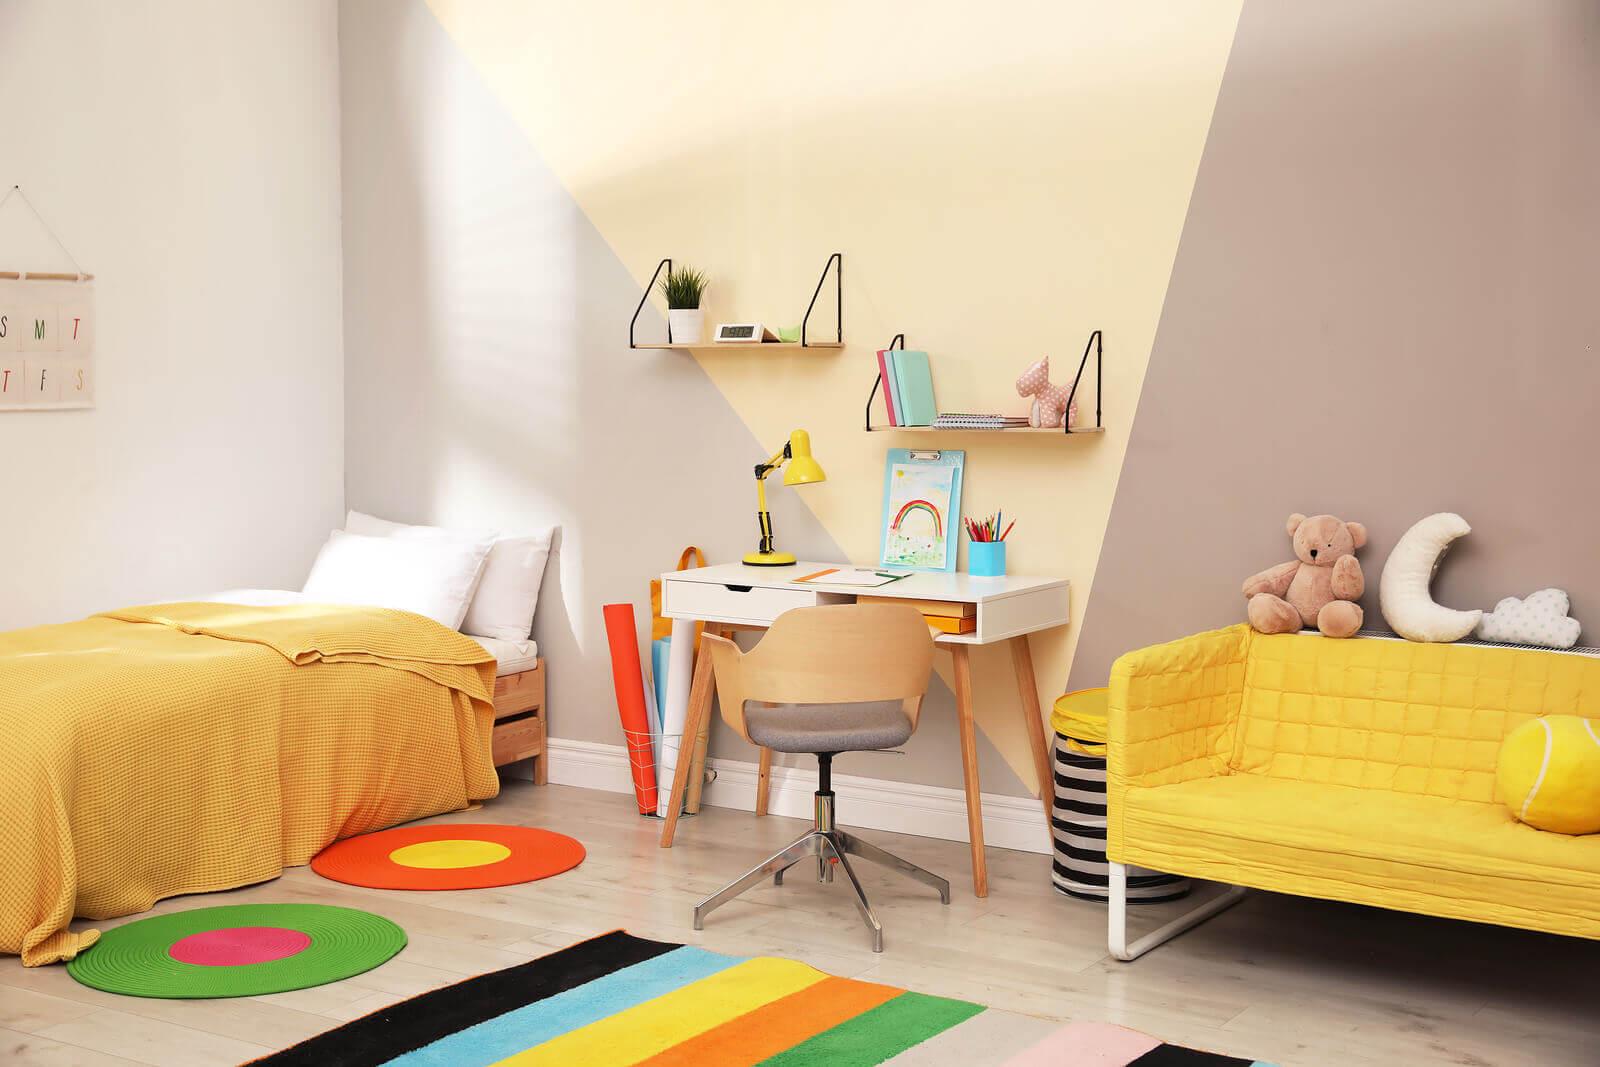 Sarı renkli dekorasyon yapılmış bir çocuk odası